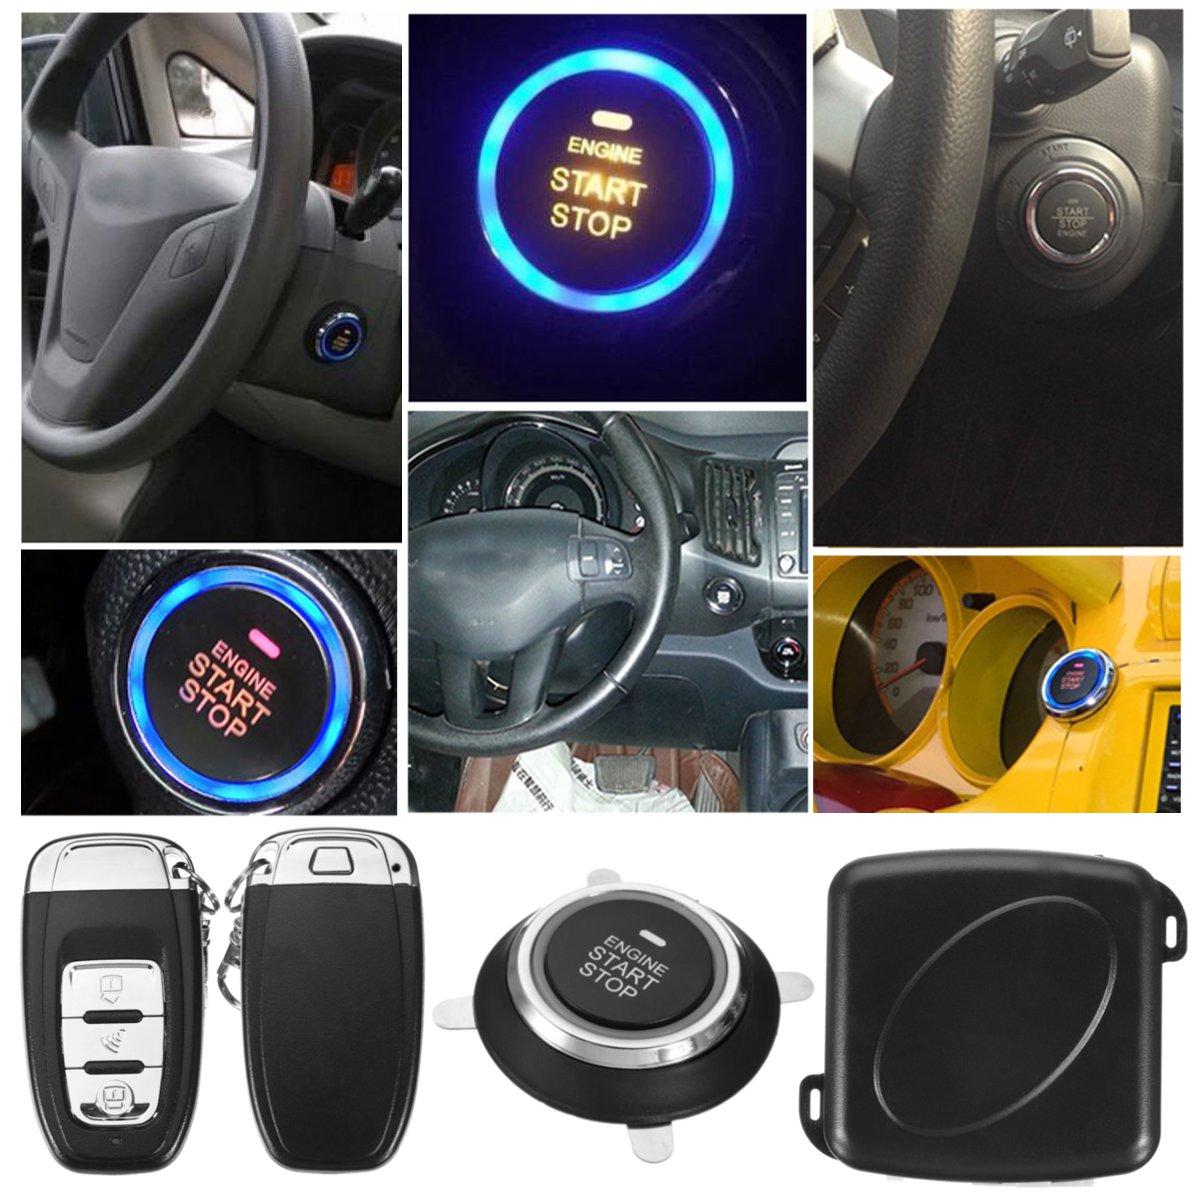 Date Smart Auto voiture SUV alarme moteur démarrage bouton poussoir démarrage arrêt sécurité sans clé entrée système de commutateur d'allumage Push Starter - 6